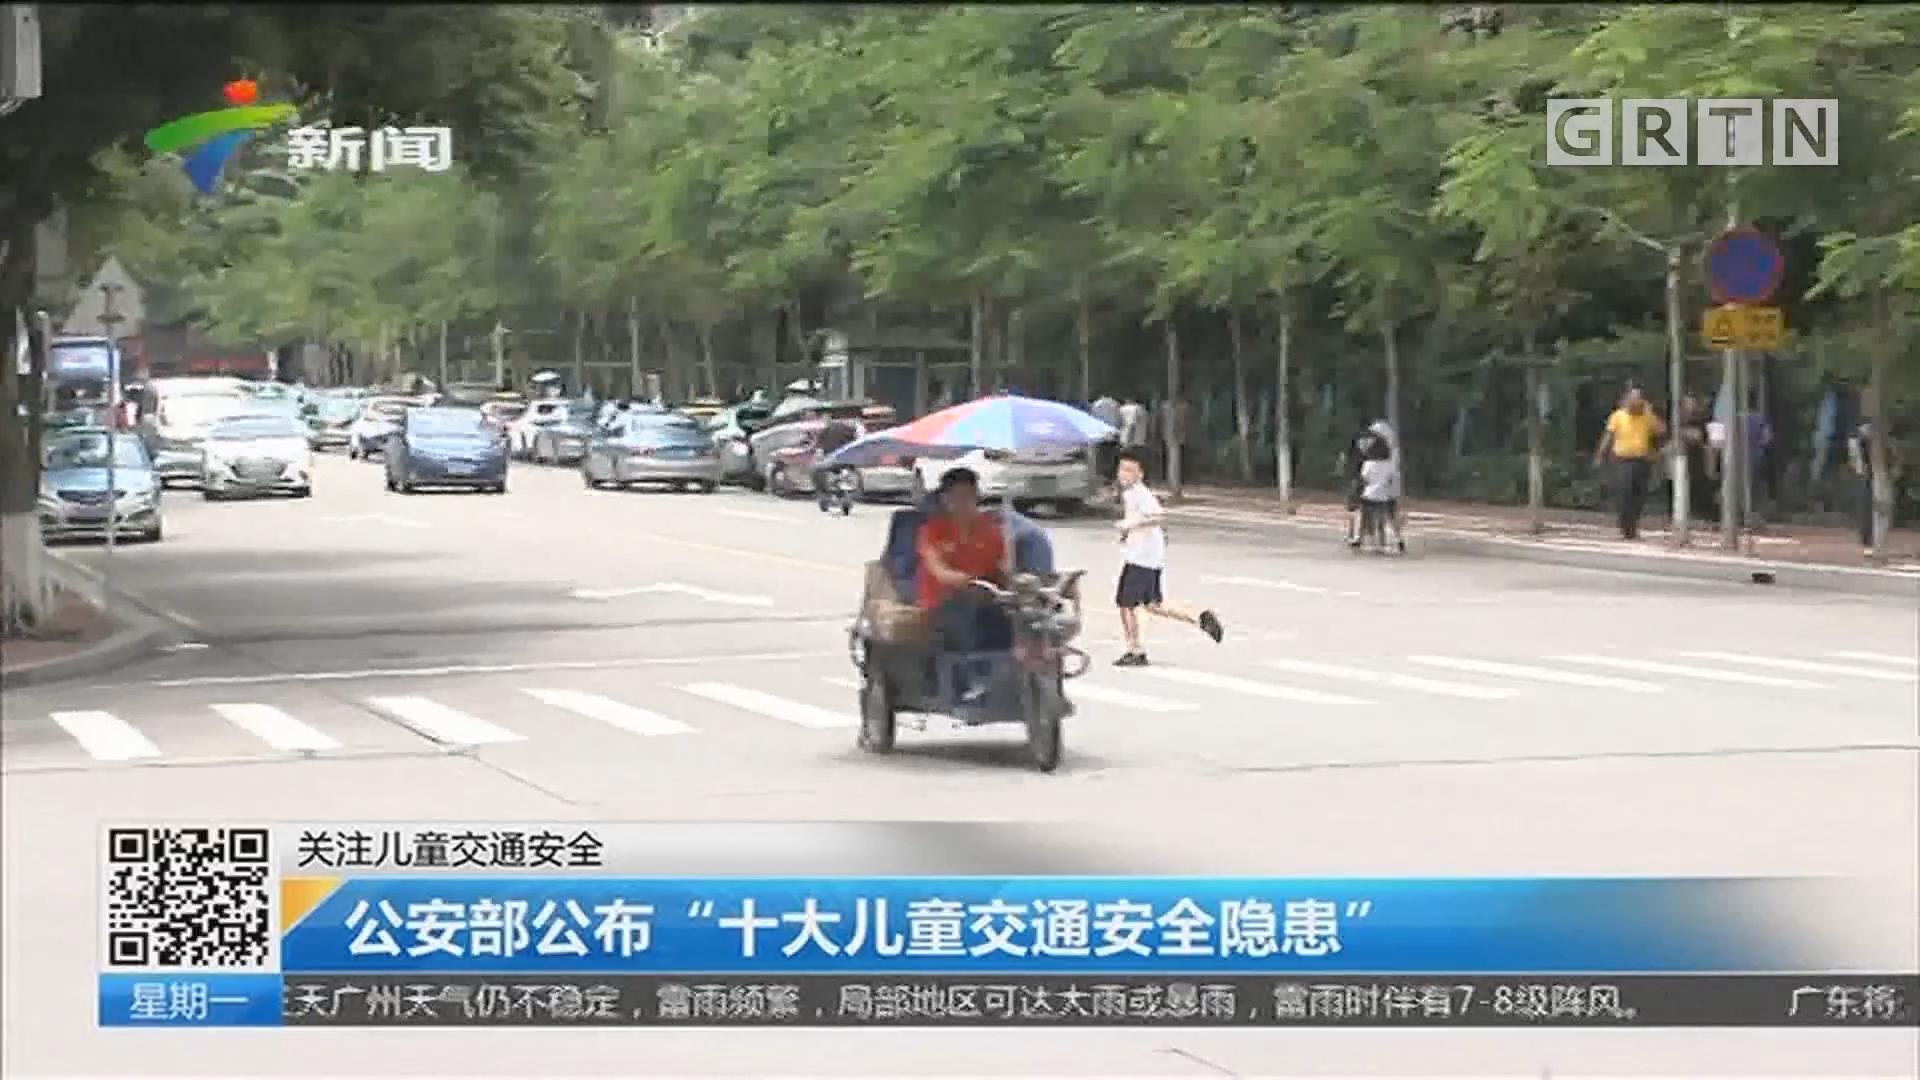 """关注儿童交通安全:公安部公布""""十大儿童交通安全隐患"""""""